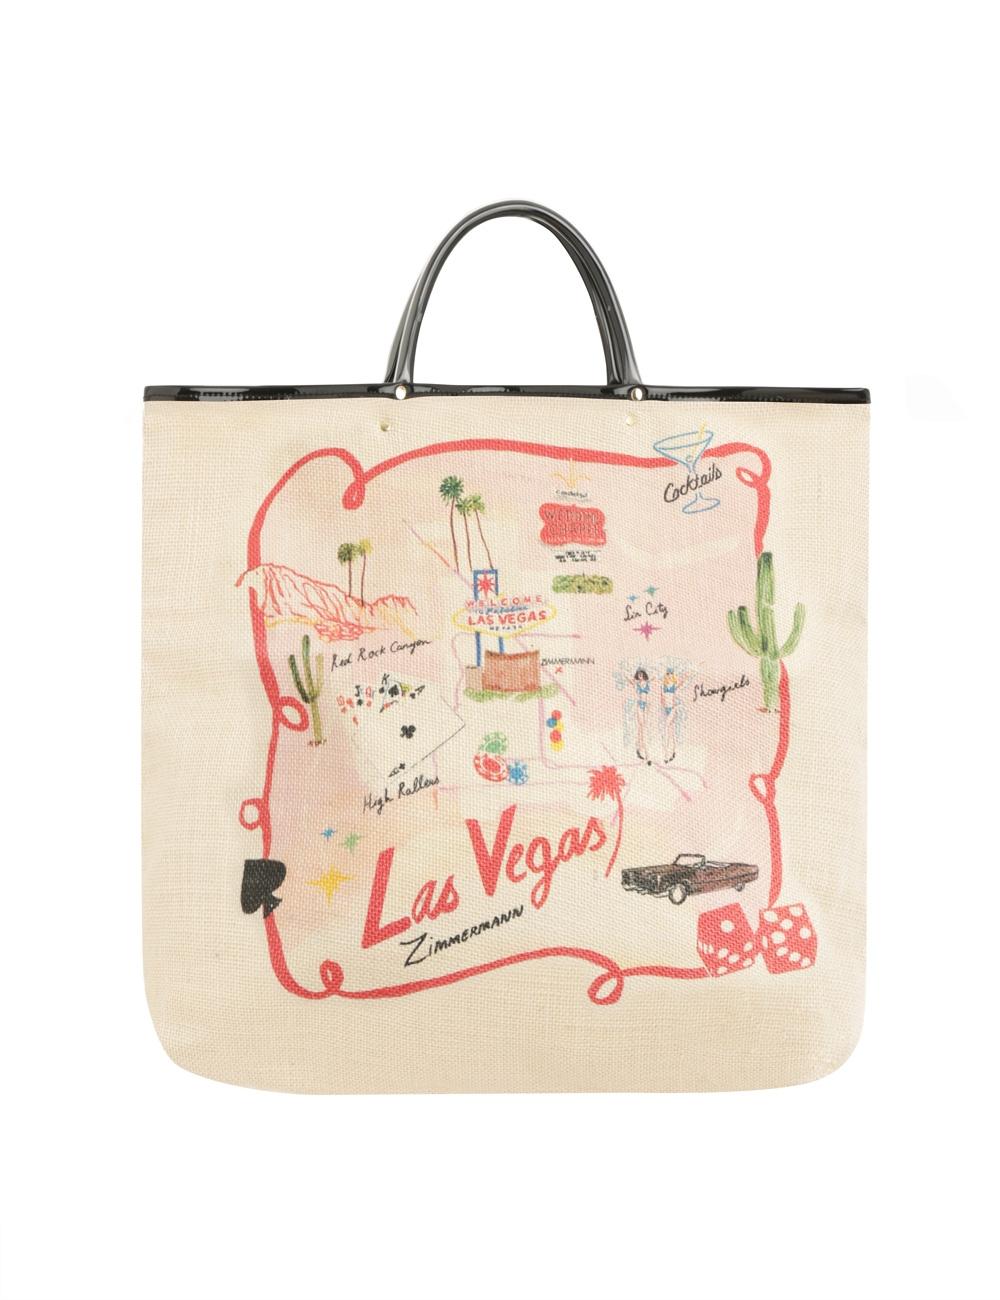 Las Vegas Shopper